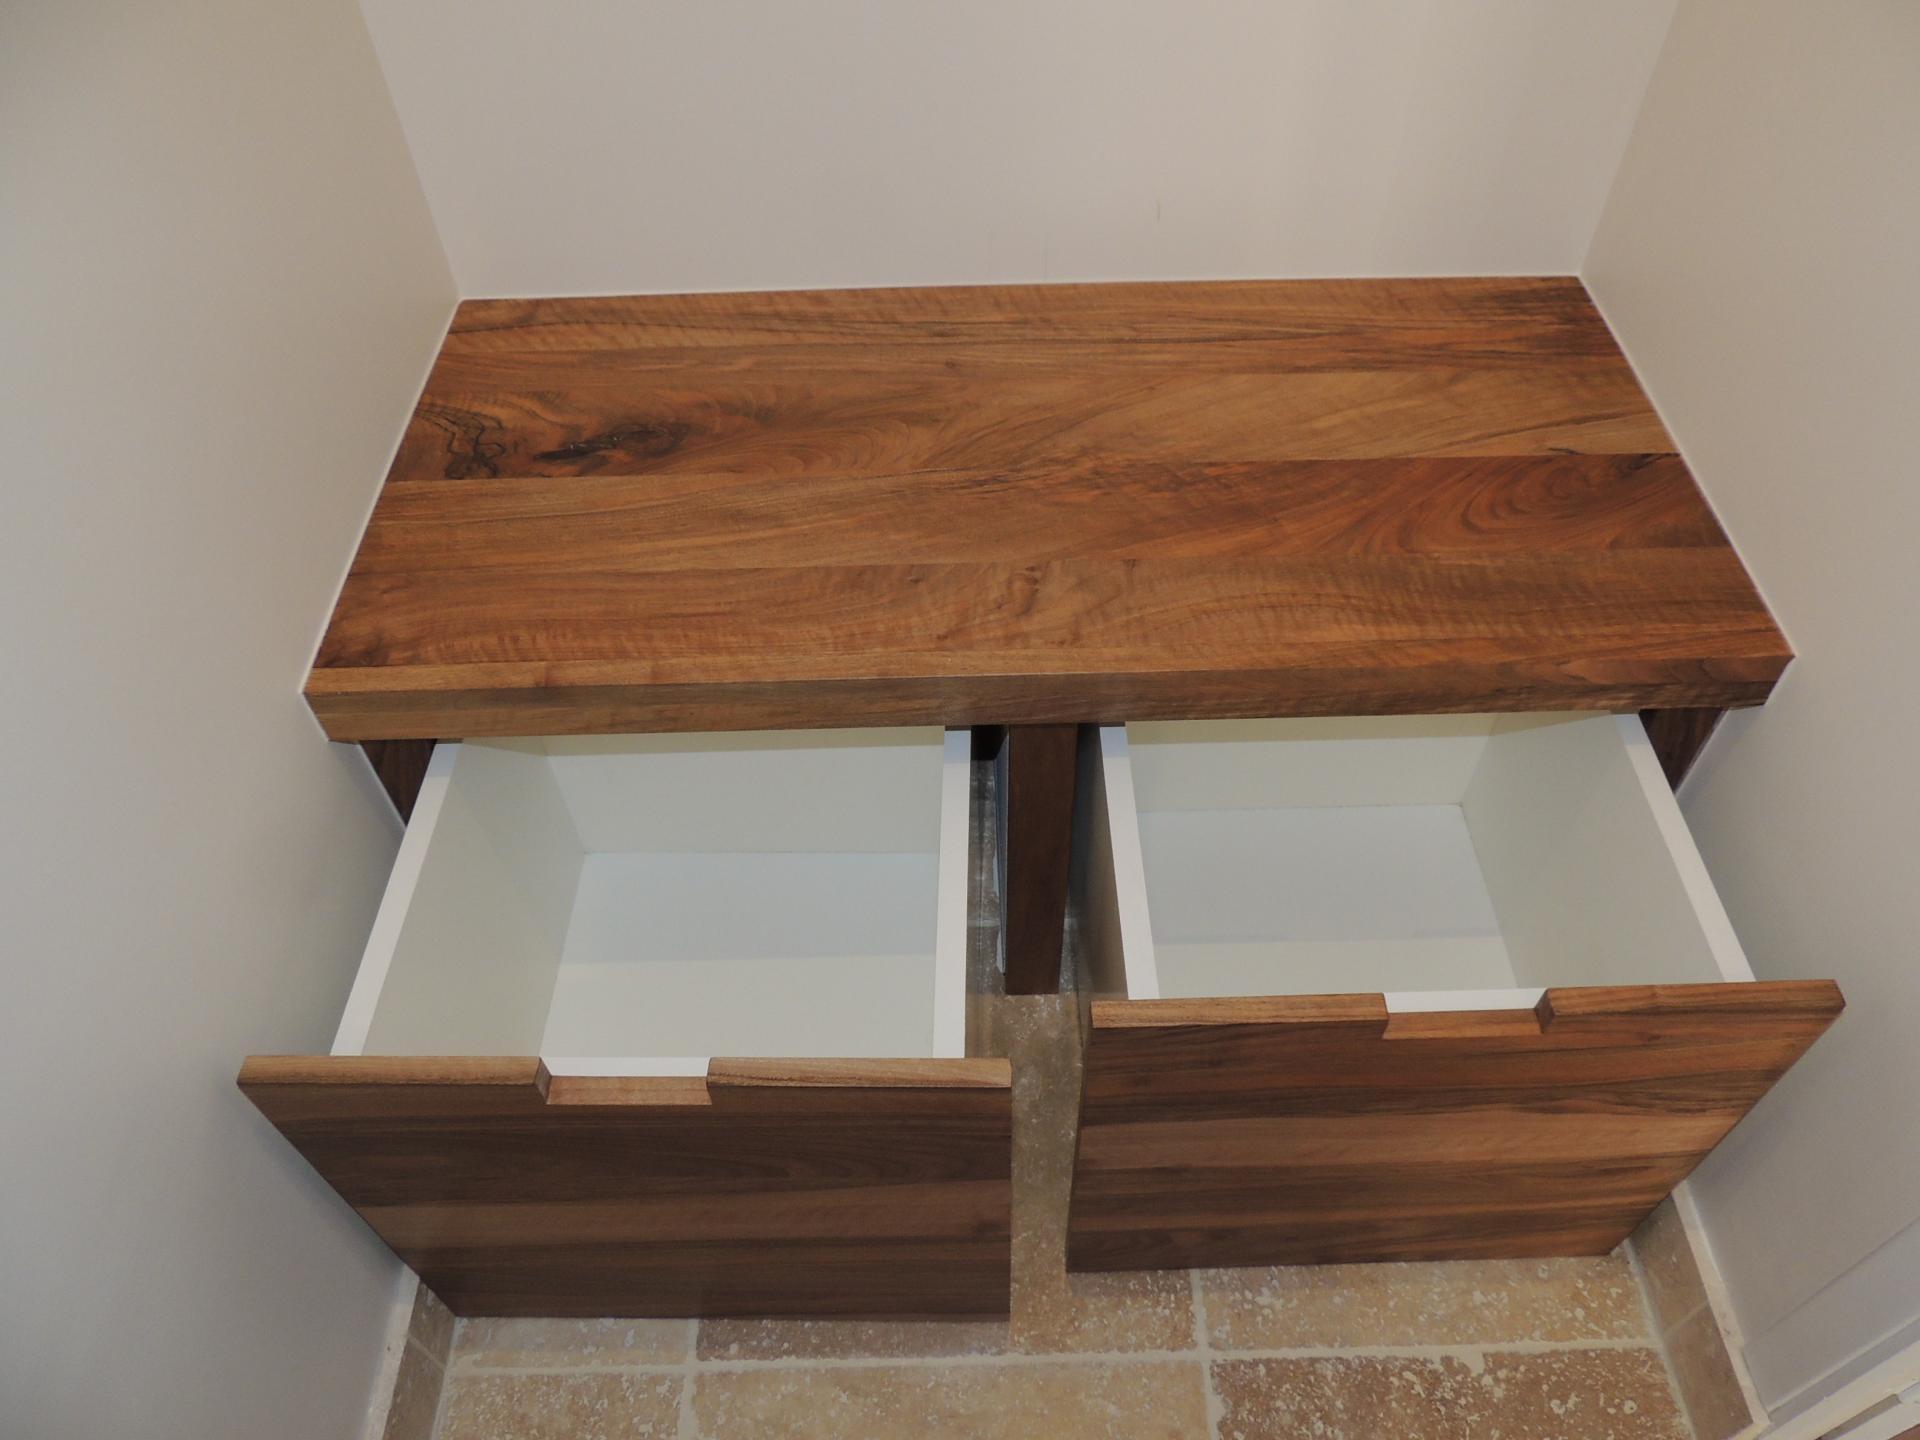 bispoke bench - plain walnut - bathroom - www.ateliercannelle.com